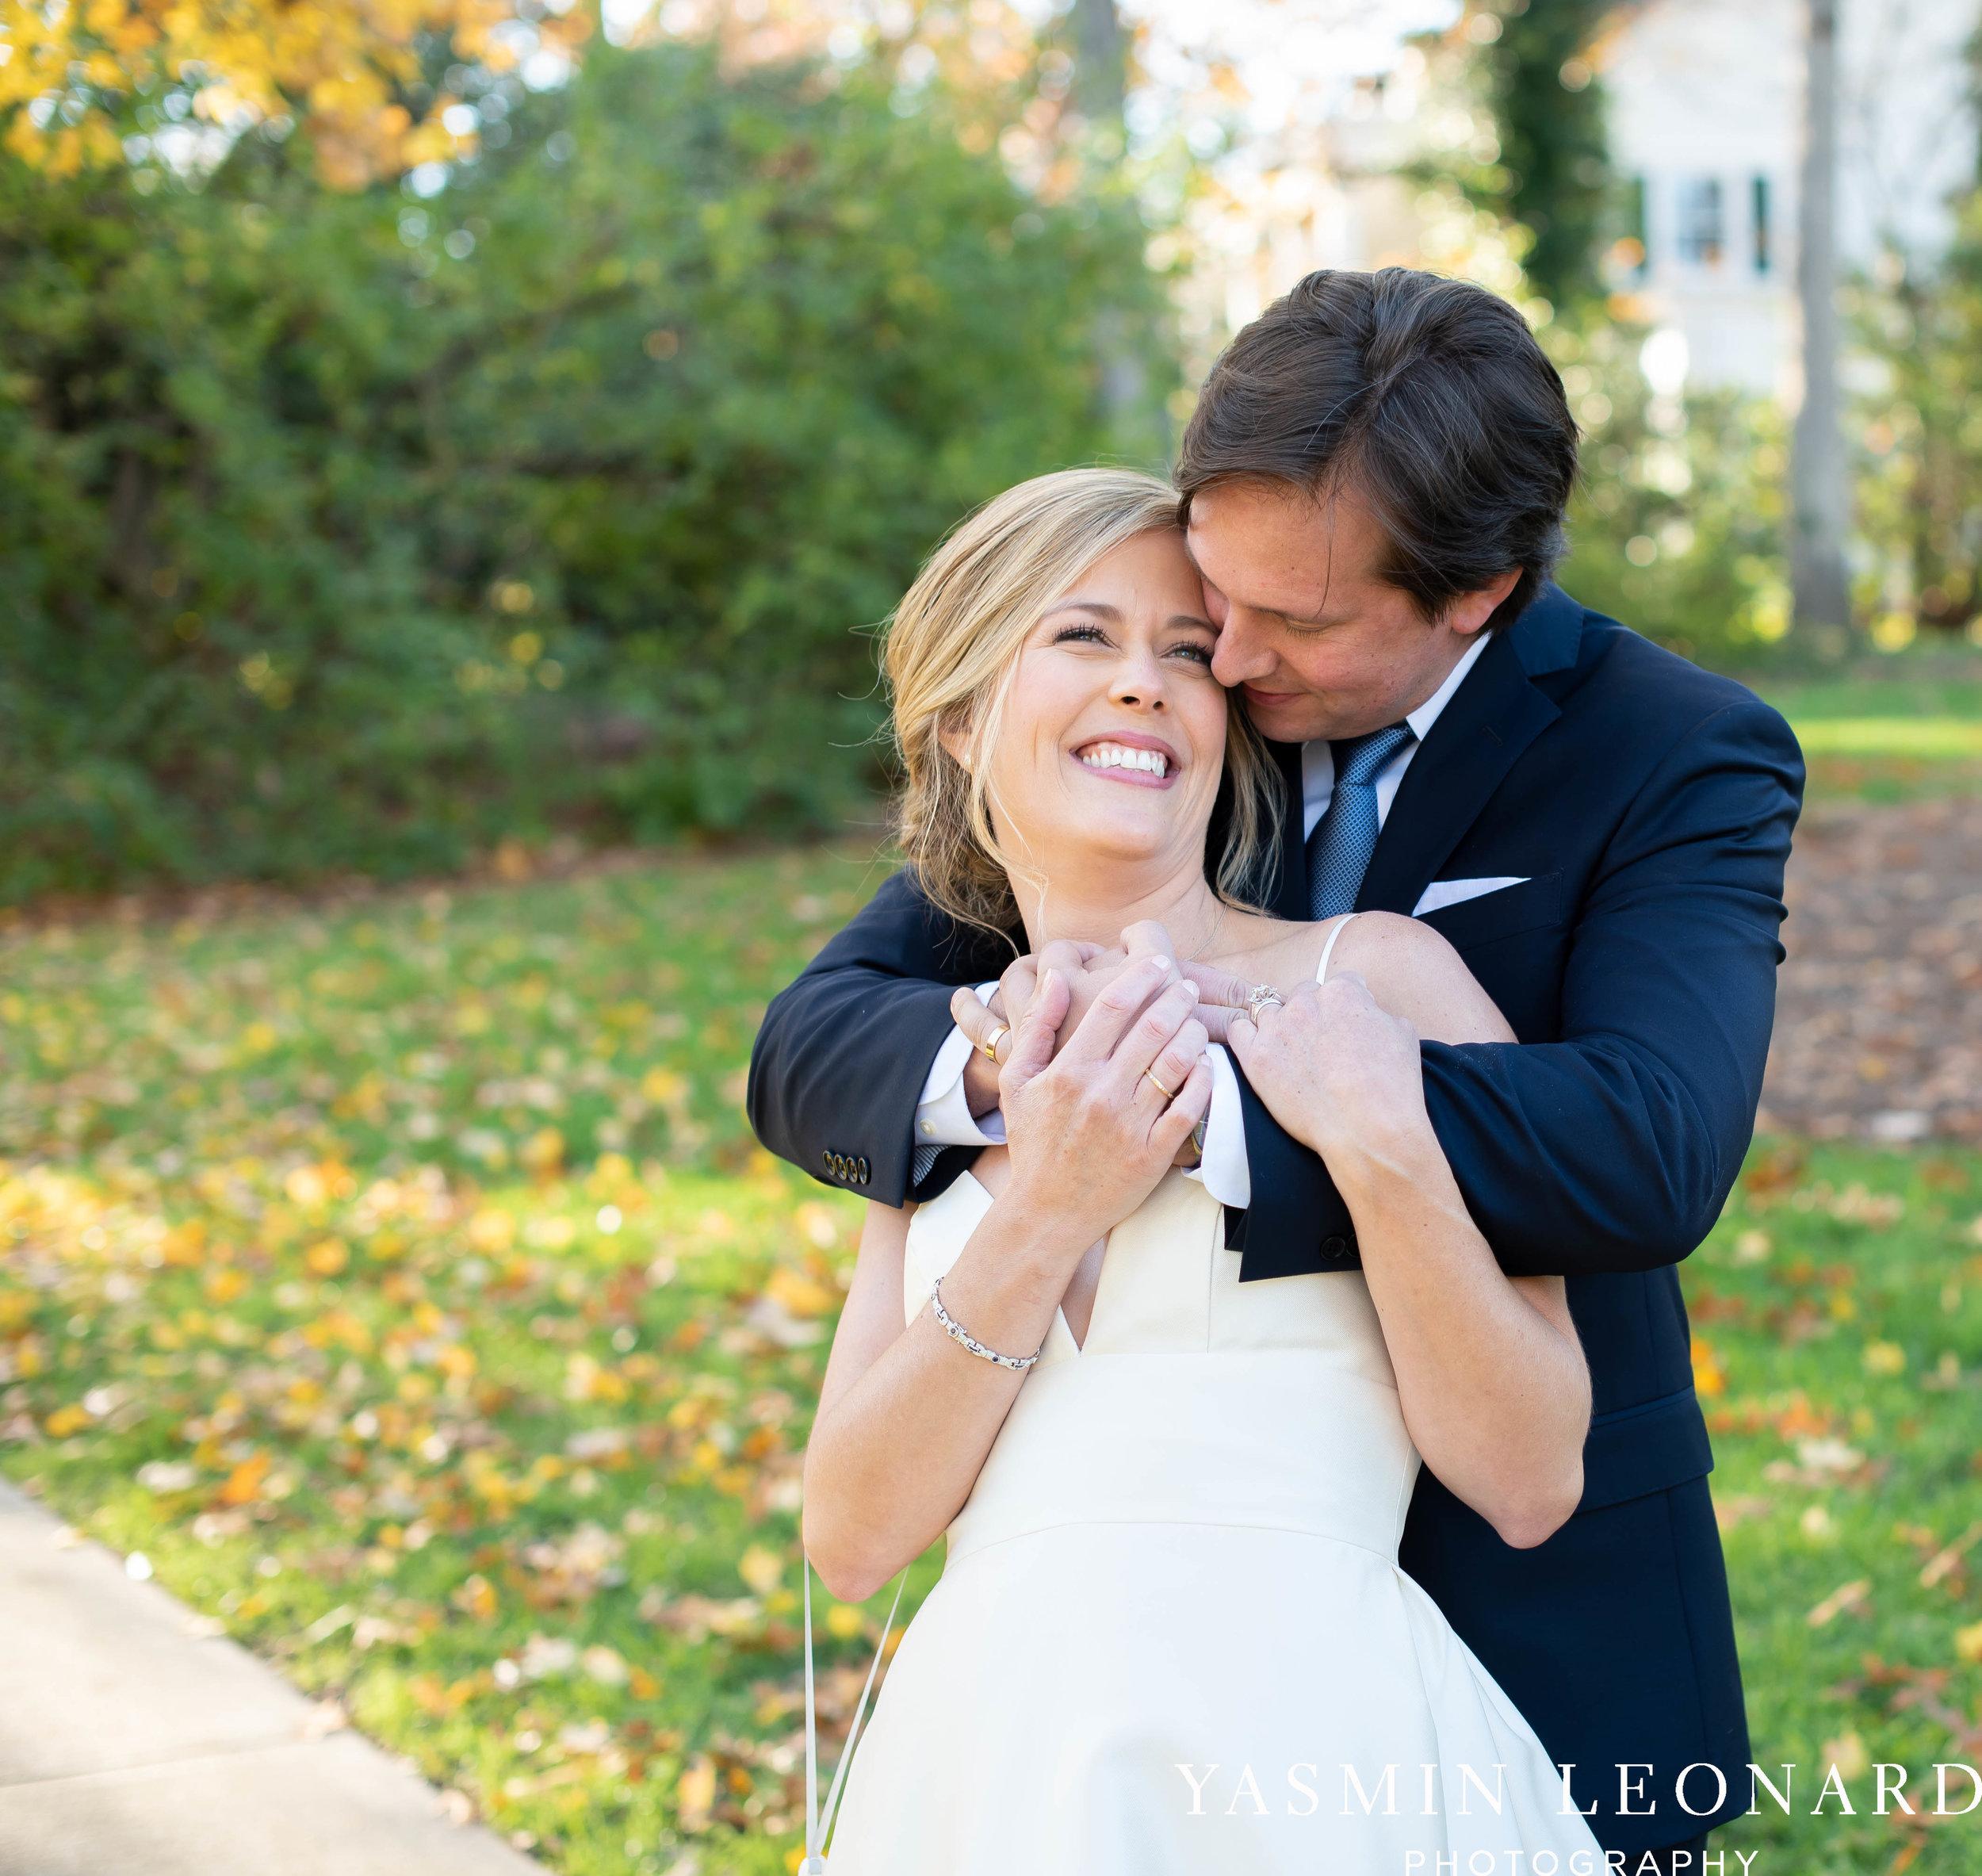 Wesley Memorial United Methodist Church - EmeryWood - High Point Weddings - High Point Wedding Photographer - NC Wedding Photographer - Yasmin Leonard Photography-58.jpg